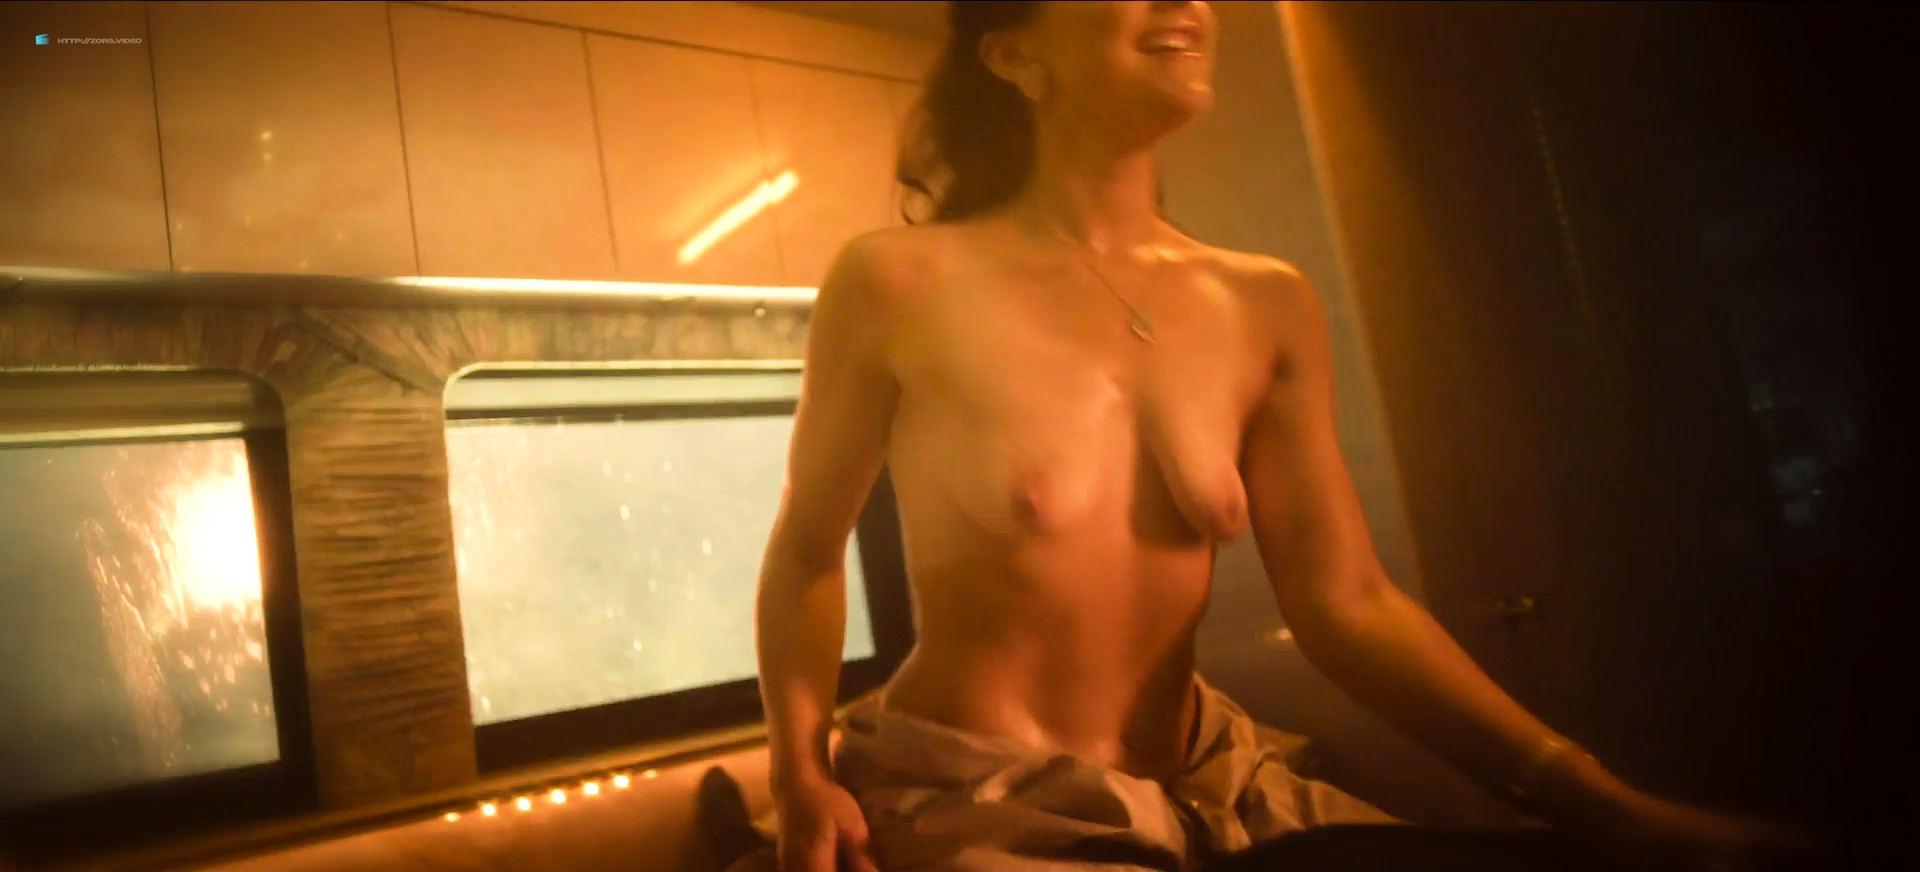 Best naked girls ass amature